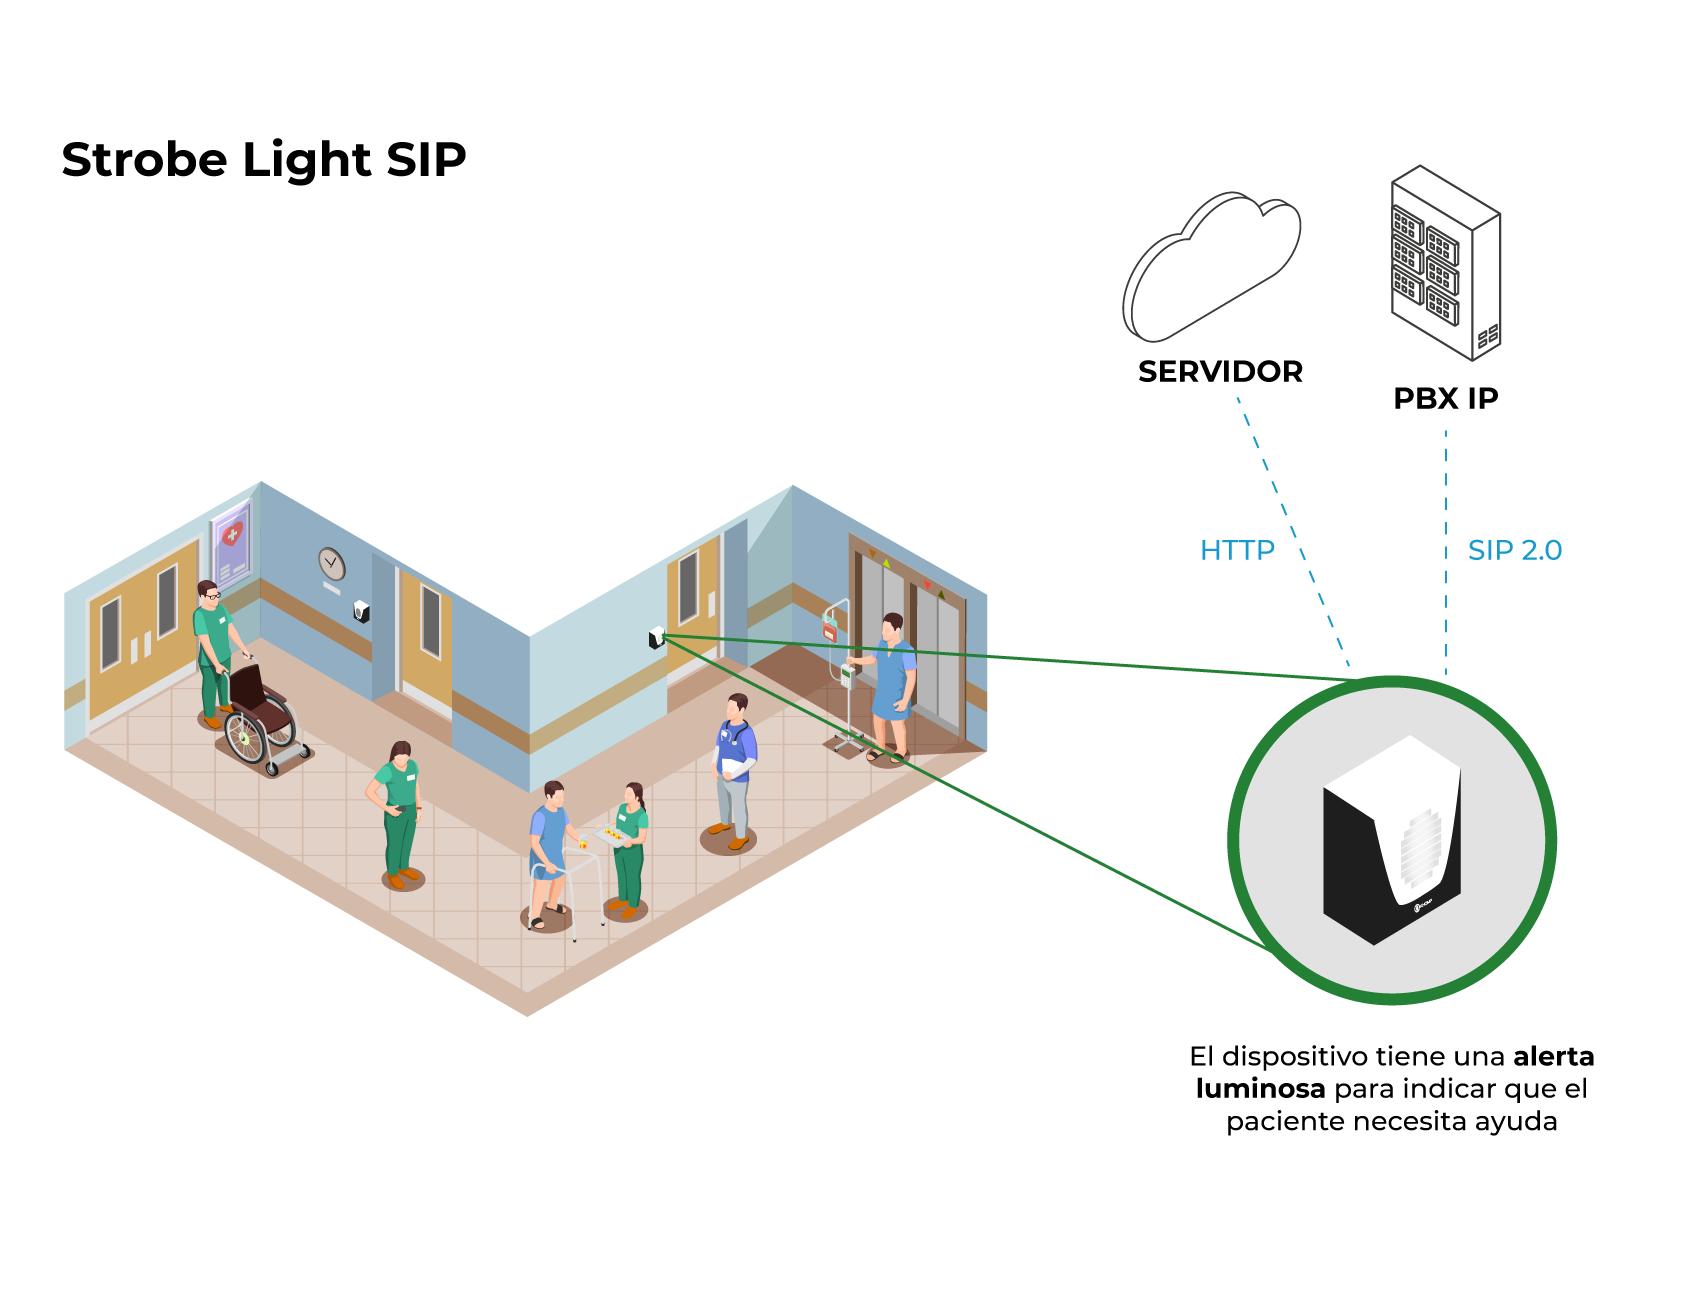 Modelo de aplicación 2 - Strobe Light SIP